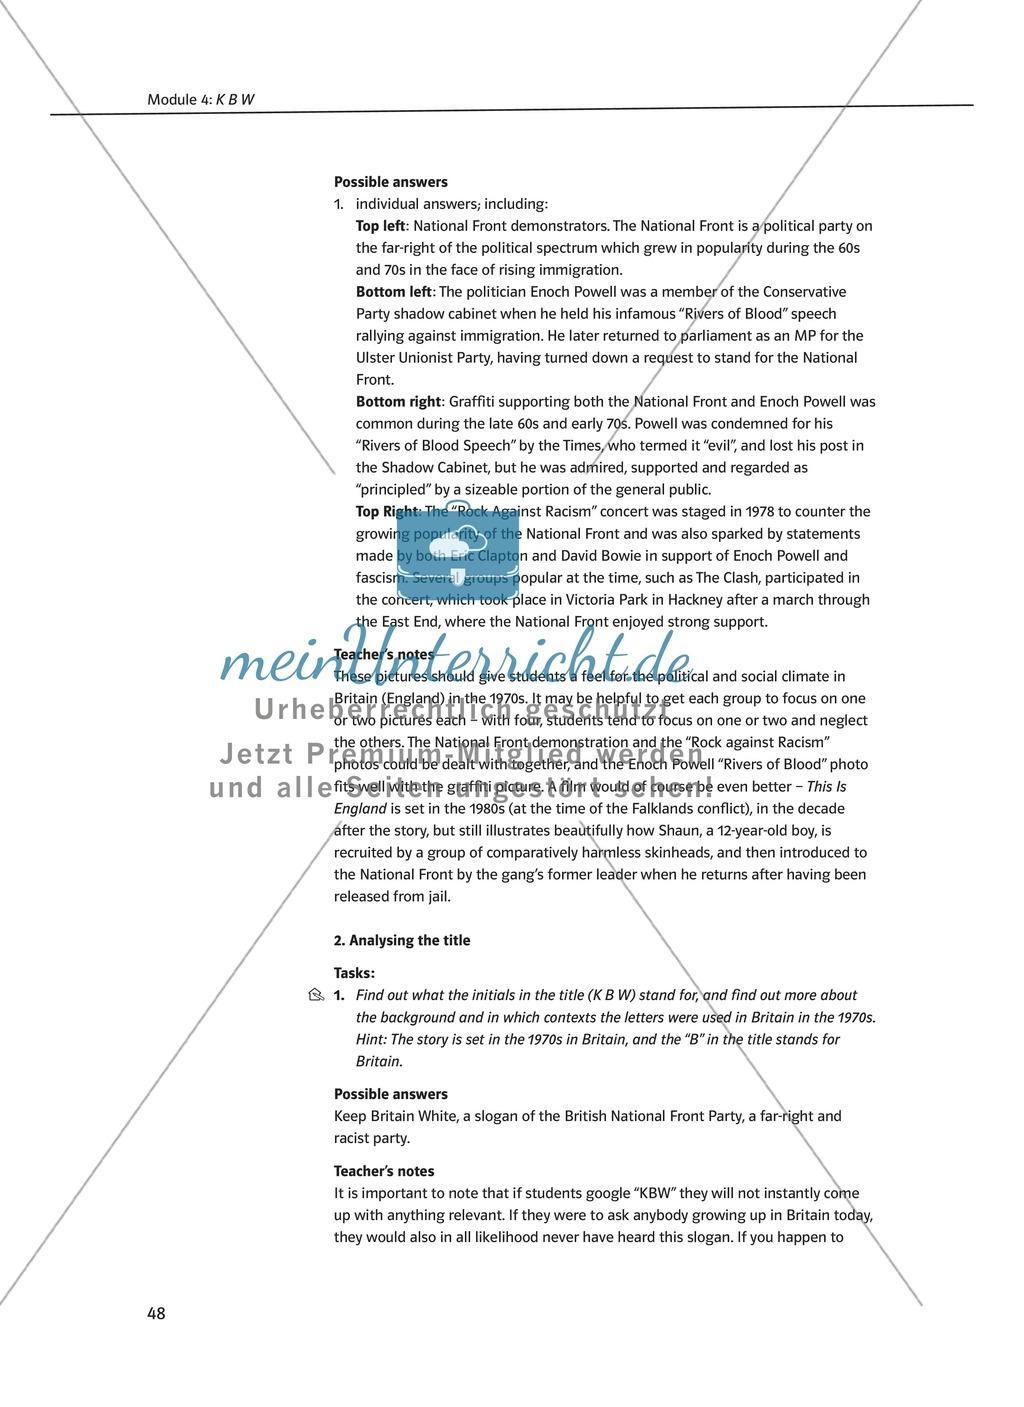 KBW: Zusammenfassung + Aufgaben + Arbeitsblätter Preview 2